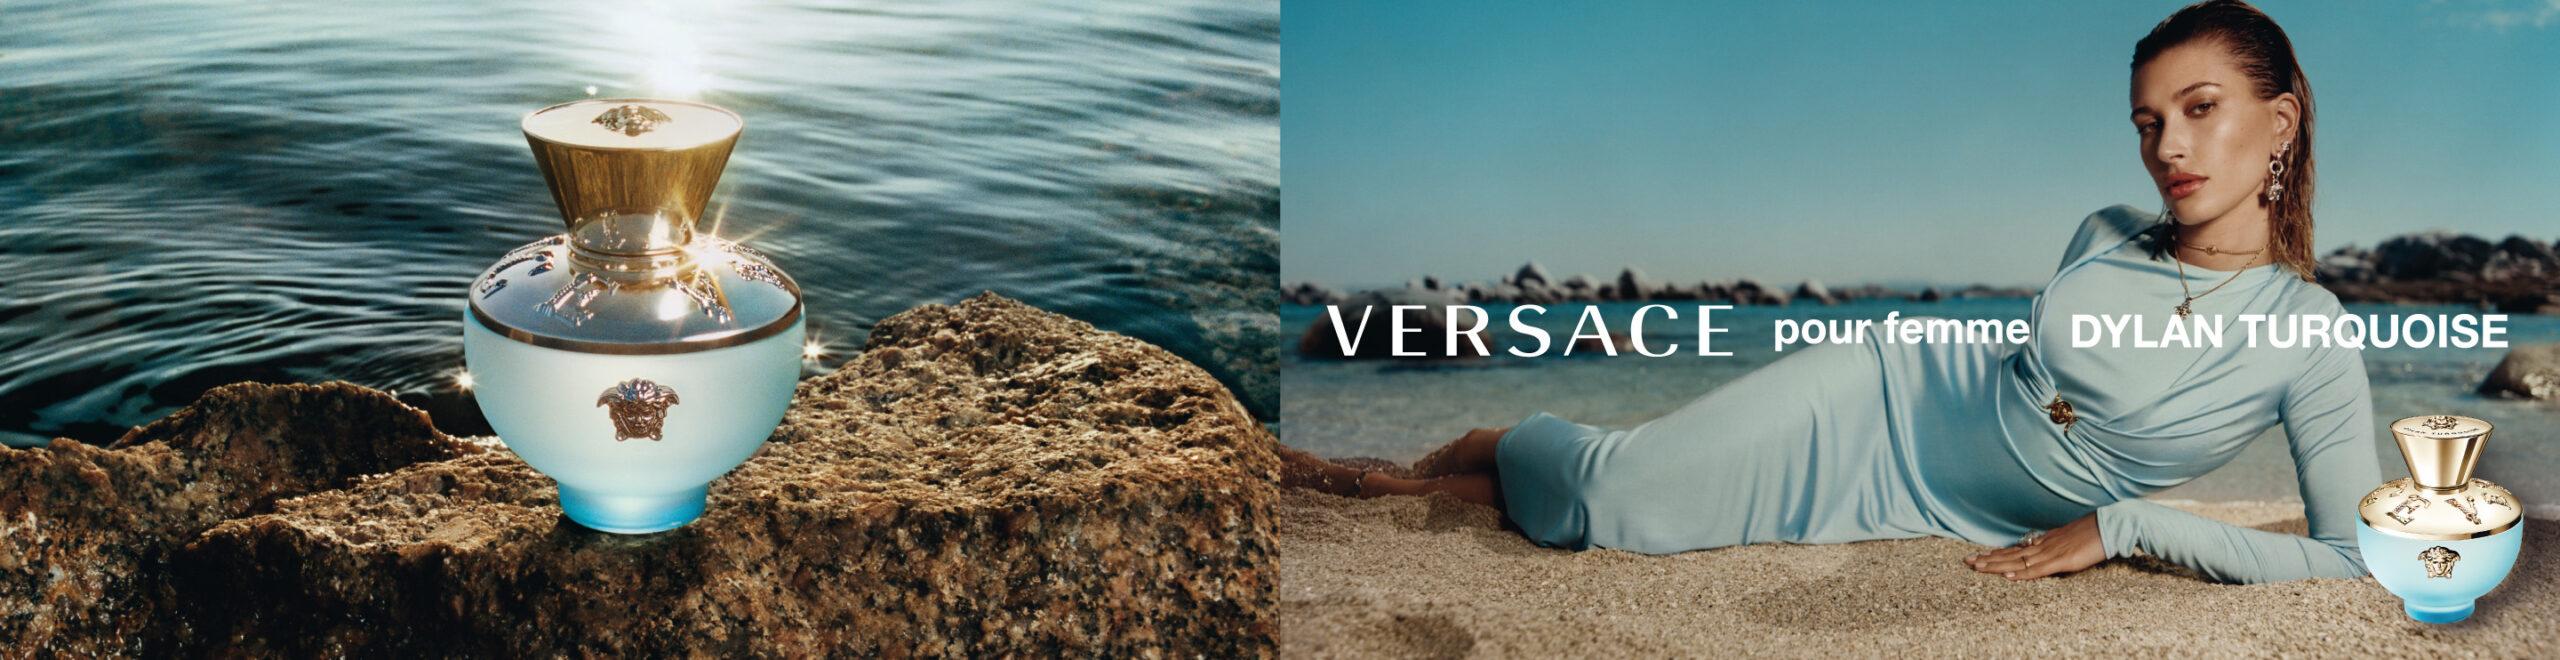 Versace 2020-11